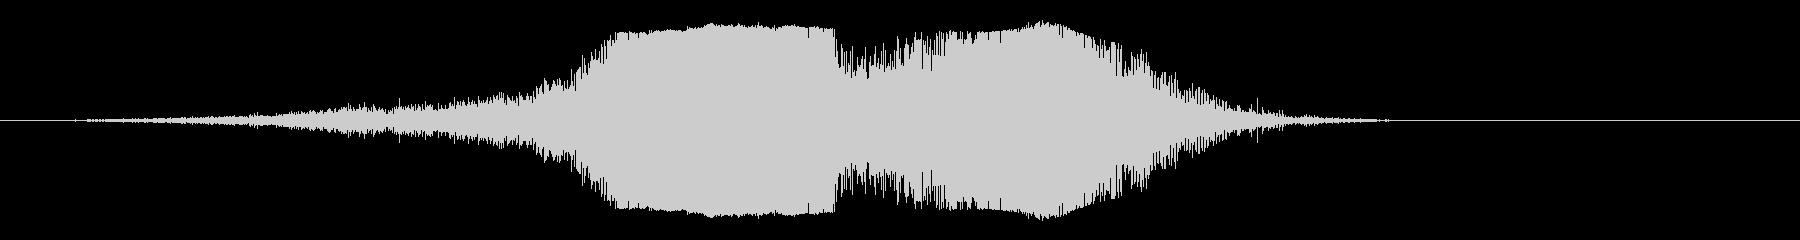 ドラッグスター; By、Cu Fa...の未再生の波形